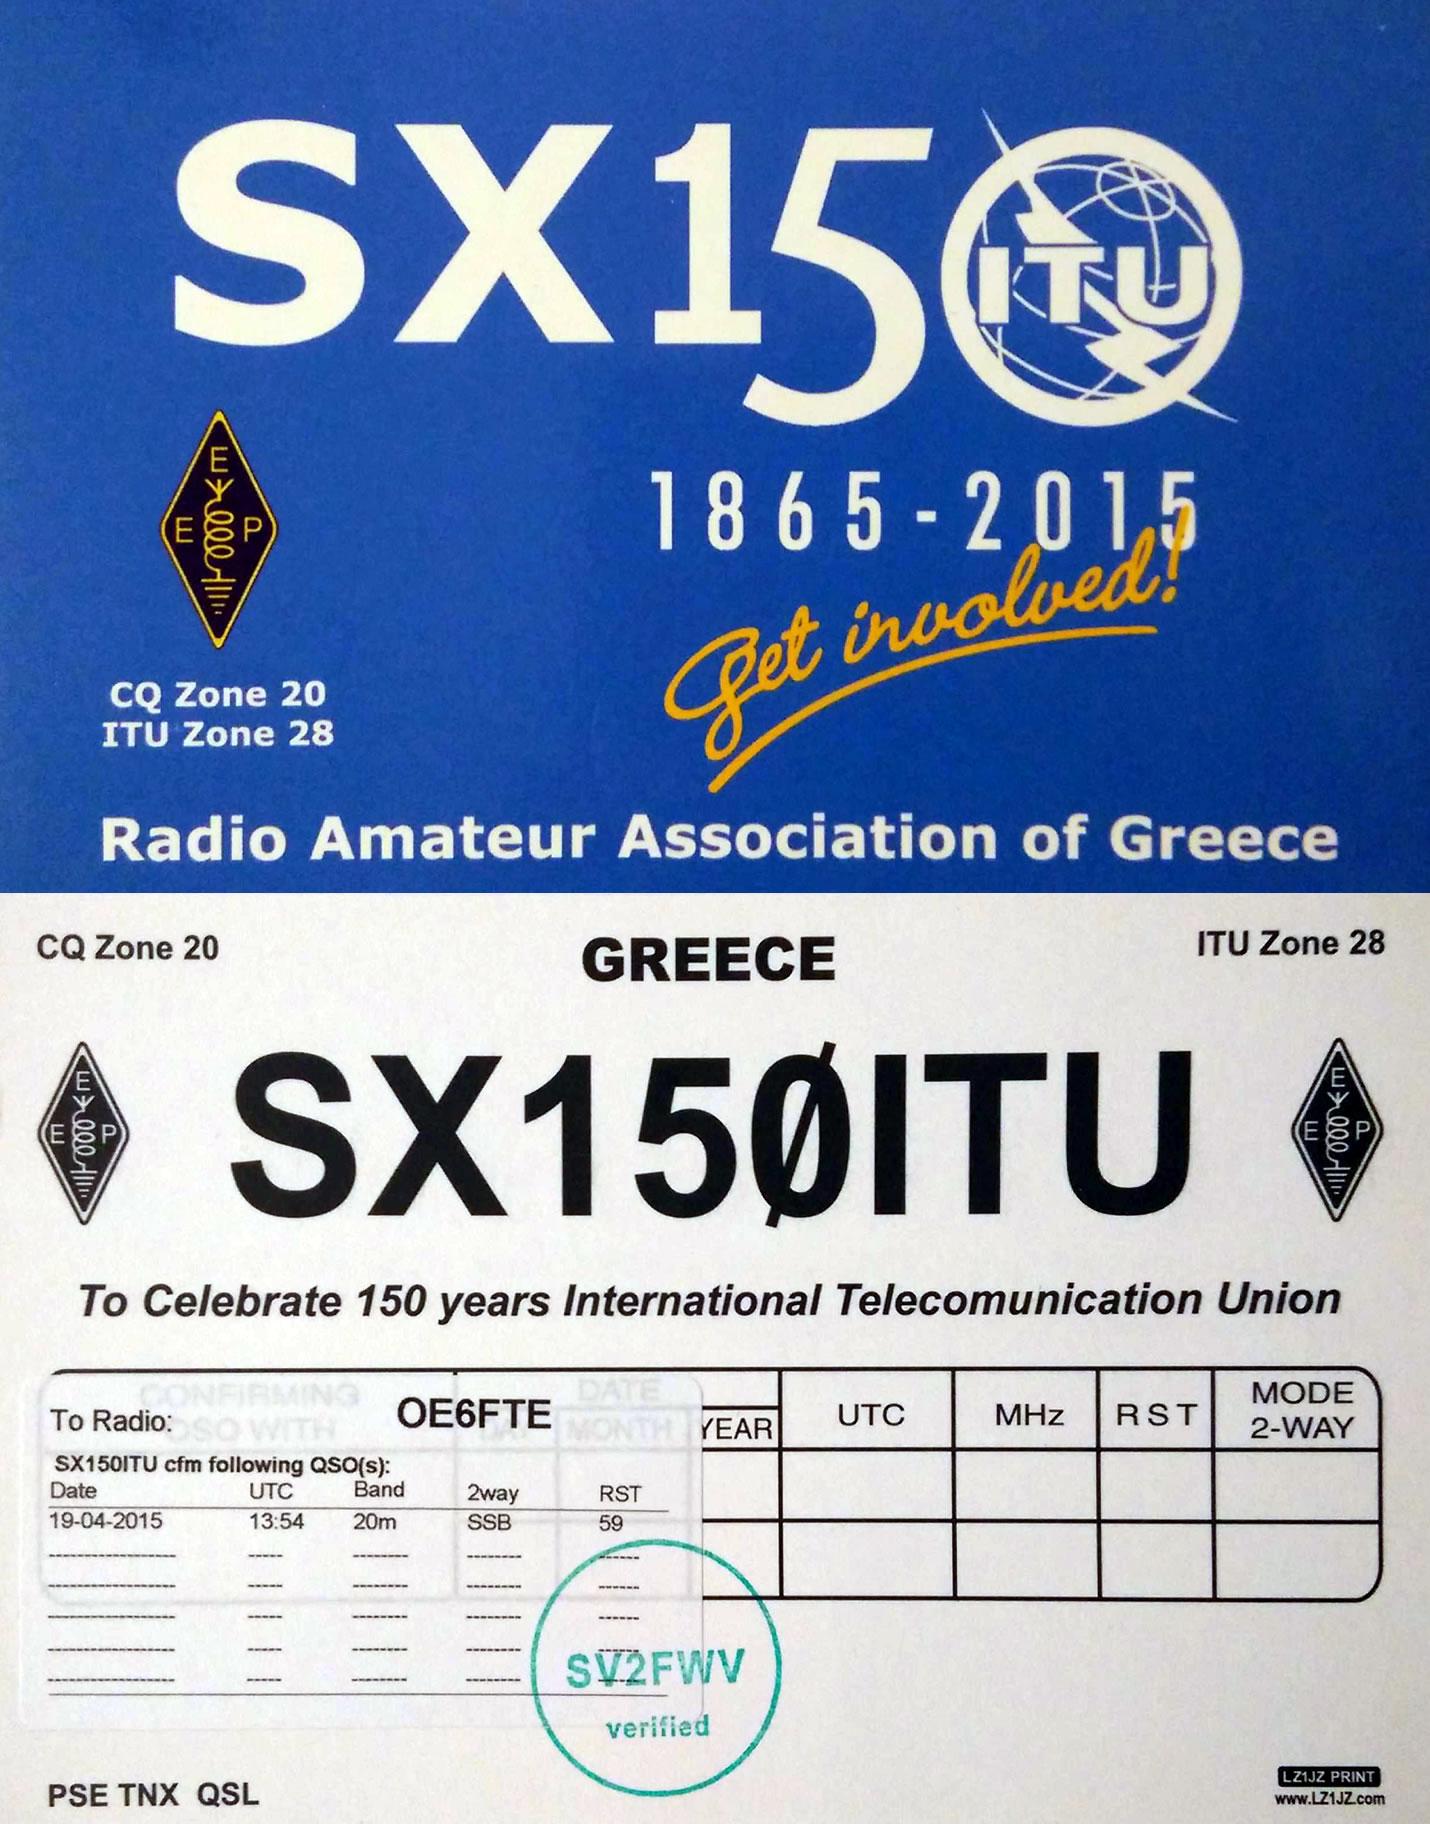 SX150ITU